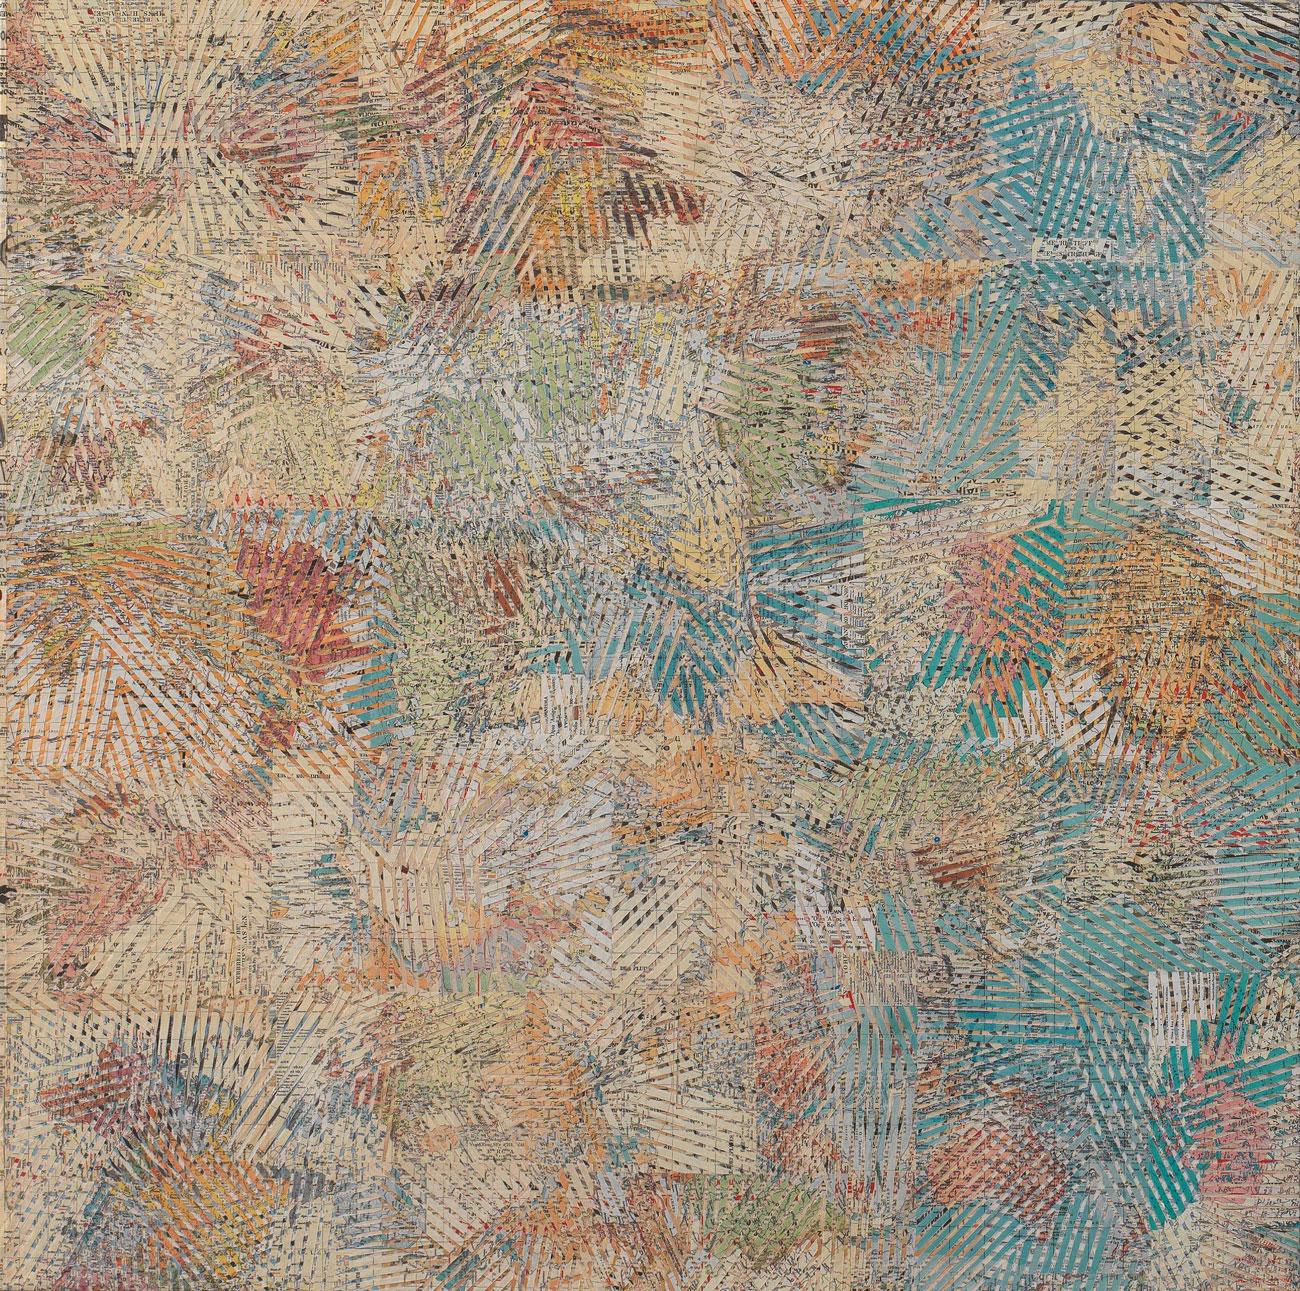 """""""Senza titolo"""" 2014, collage su carta, 100 x 100 cm"""